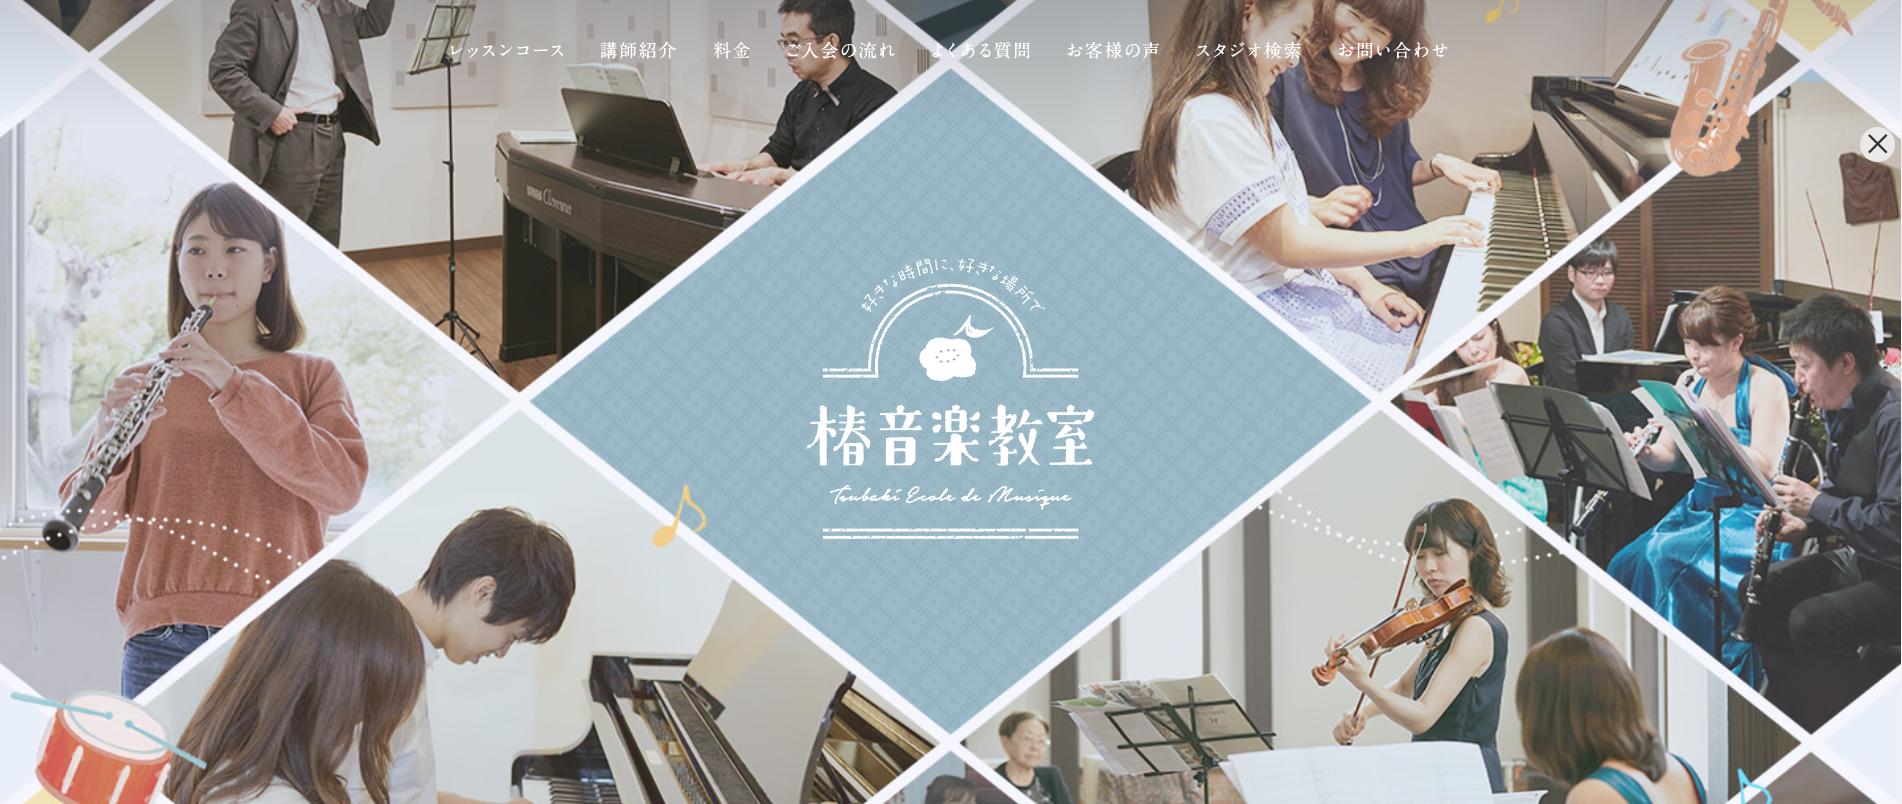 椿音楽教室 公式ホームページ